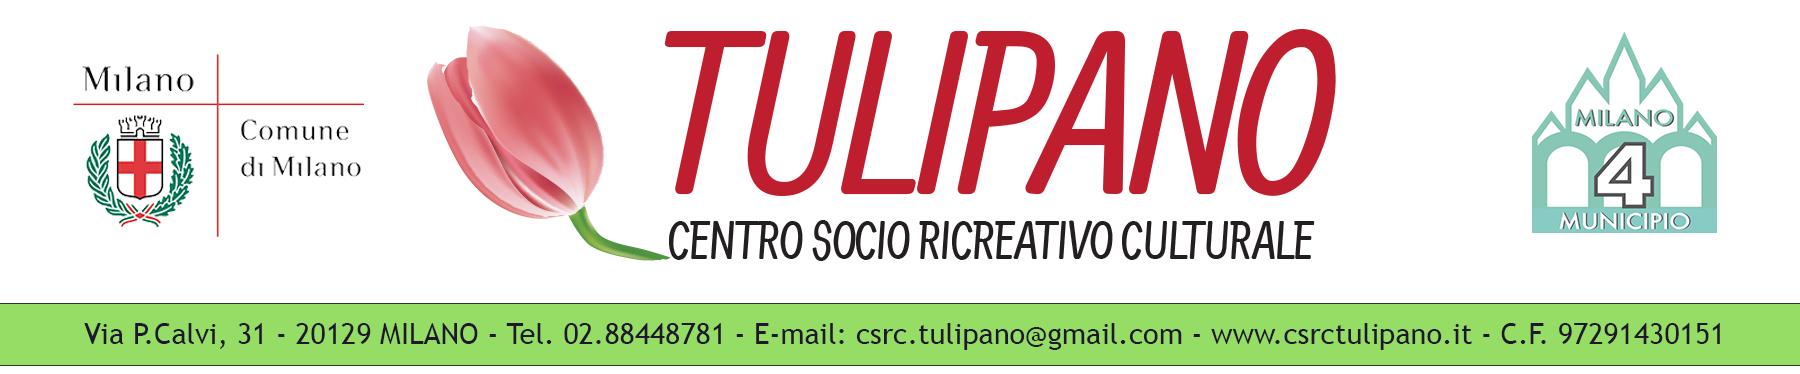 Centro Socio Ricreativo Culturale Tulipano